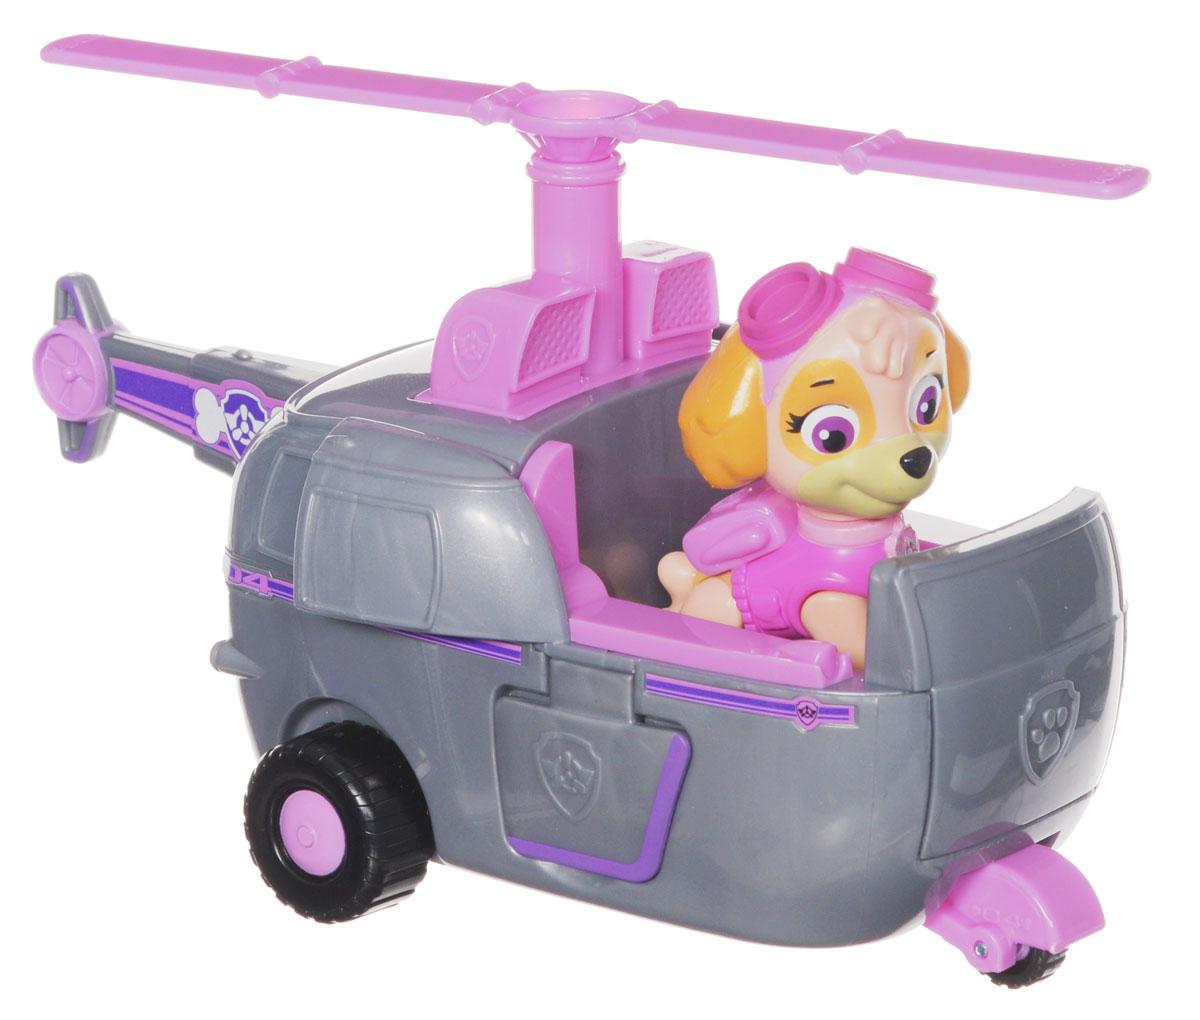 Paw Patrol Игровой набор Вертолет спасателей и щенок Скай16601 SkyesИгровой набор Paw Patrol Вертолет спасателей и щенок Скай станет отличным подарком маленьким поклонникам знаменитого мультсериала. В набор входят фигурка Скай - грациозная девочка-щенок породы американский кокер-спаниель, выполняющая функции авиатора-спасателя, и ее вертолет. Вертолет серо-розового цвета, у него открываются закрылки, крутятся колесики и винт. Фигурку Скай можно поместить в кабину вертолета и катать. У собачки подвижные лапы и голова. Ваш малыш будет часами играть с этим набором, придумывая разные истории. Сделайте ему такой замечательный подарок! Щенячий патруль - канадский анимационный мультфильм, созданный Кит Чэпман. Первая серия мультфильма была показана в августе 2013 года. Игровой набор способствует развитию ребенка и надолго займет вашего малыша интересной игрой.